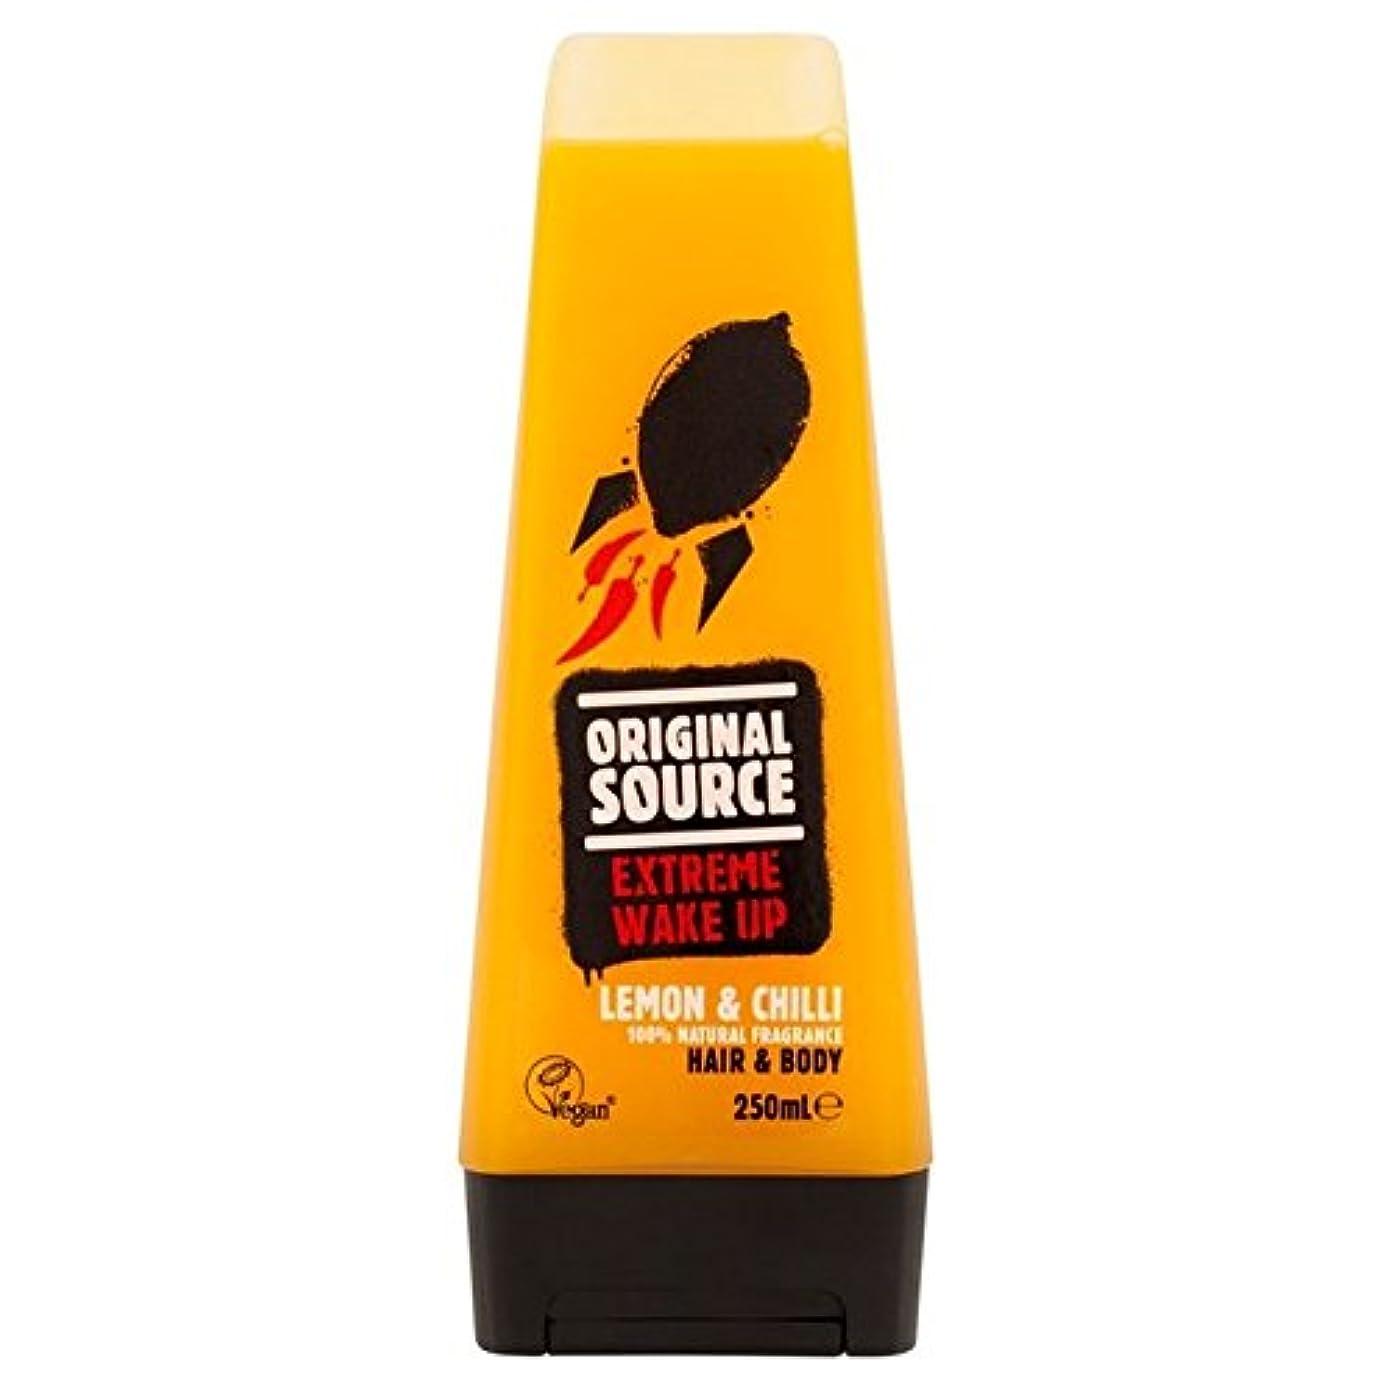 遊びます移動するまで元のソースは、レモン&チリヘア&ボディシャワージェル250ミリリットルメンズ x4 - Original Source Mens Lemon & Chilli Hair & Body Shower Gel 250ml (...